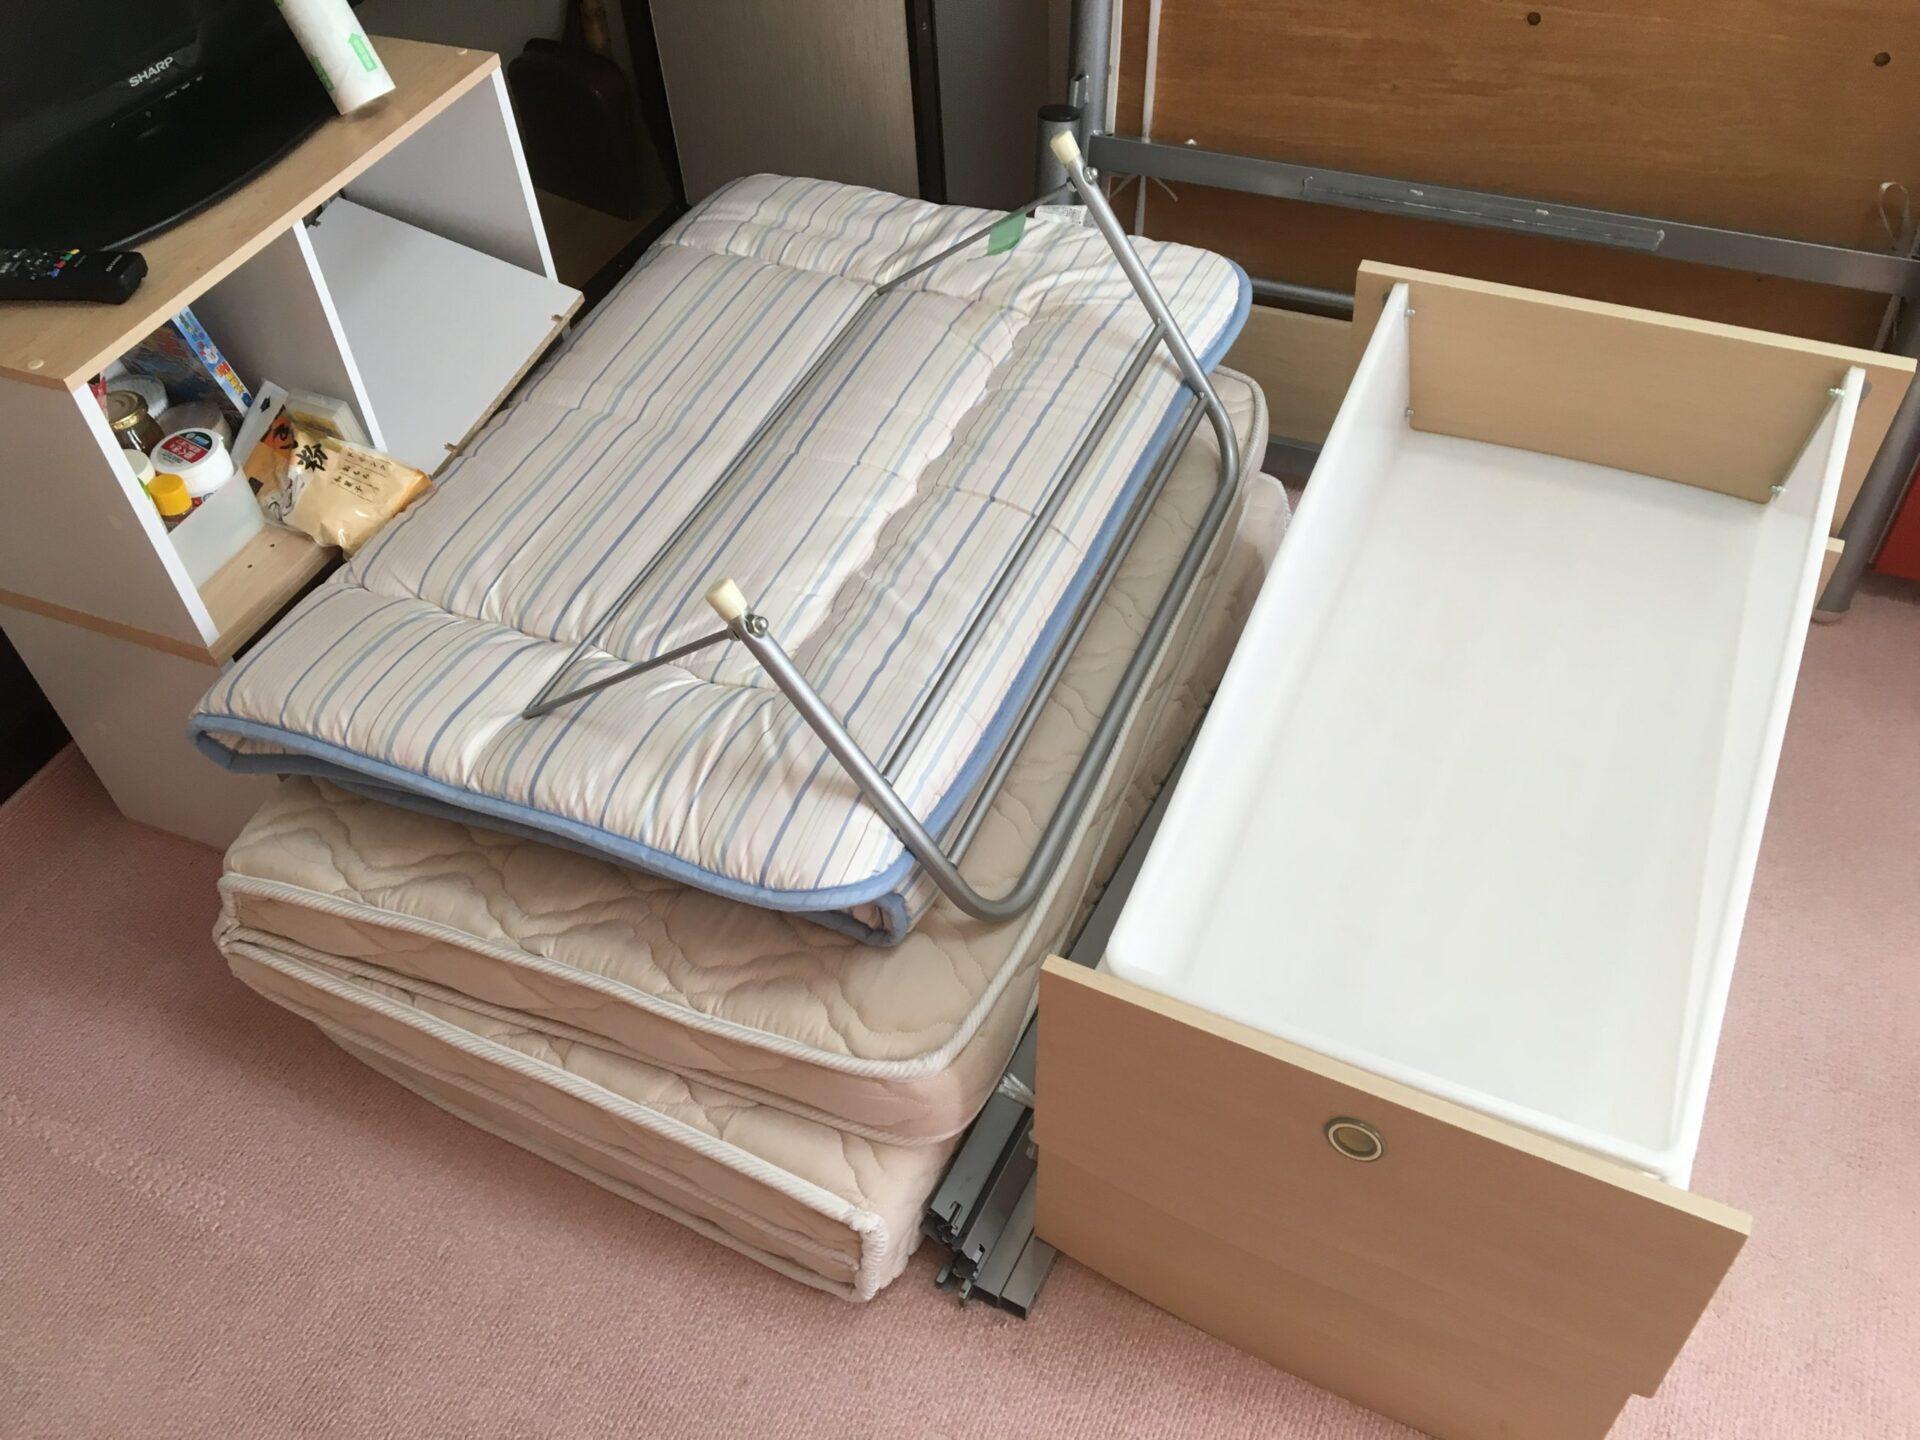 【愛知県名古屋市名東区】寝具一式の出張回収